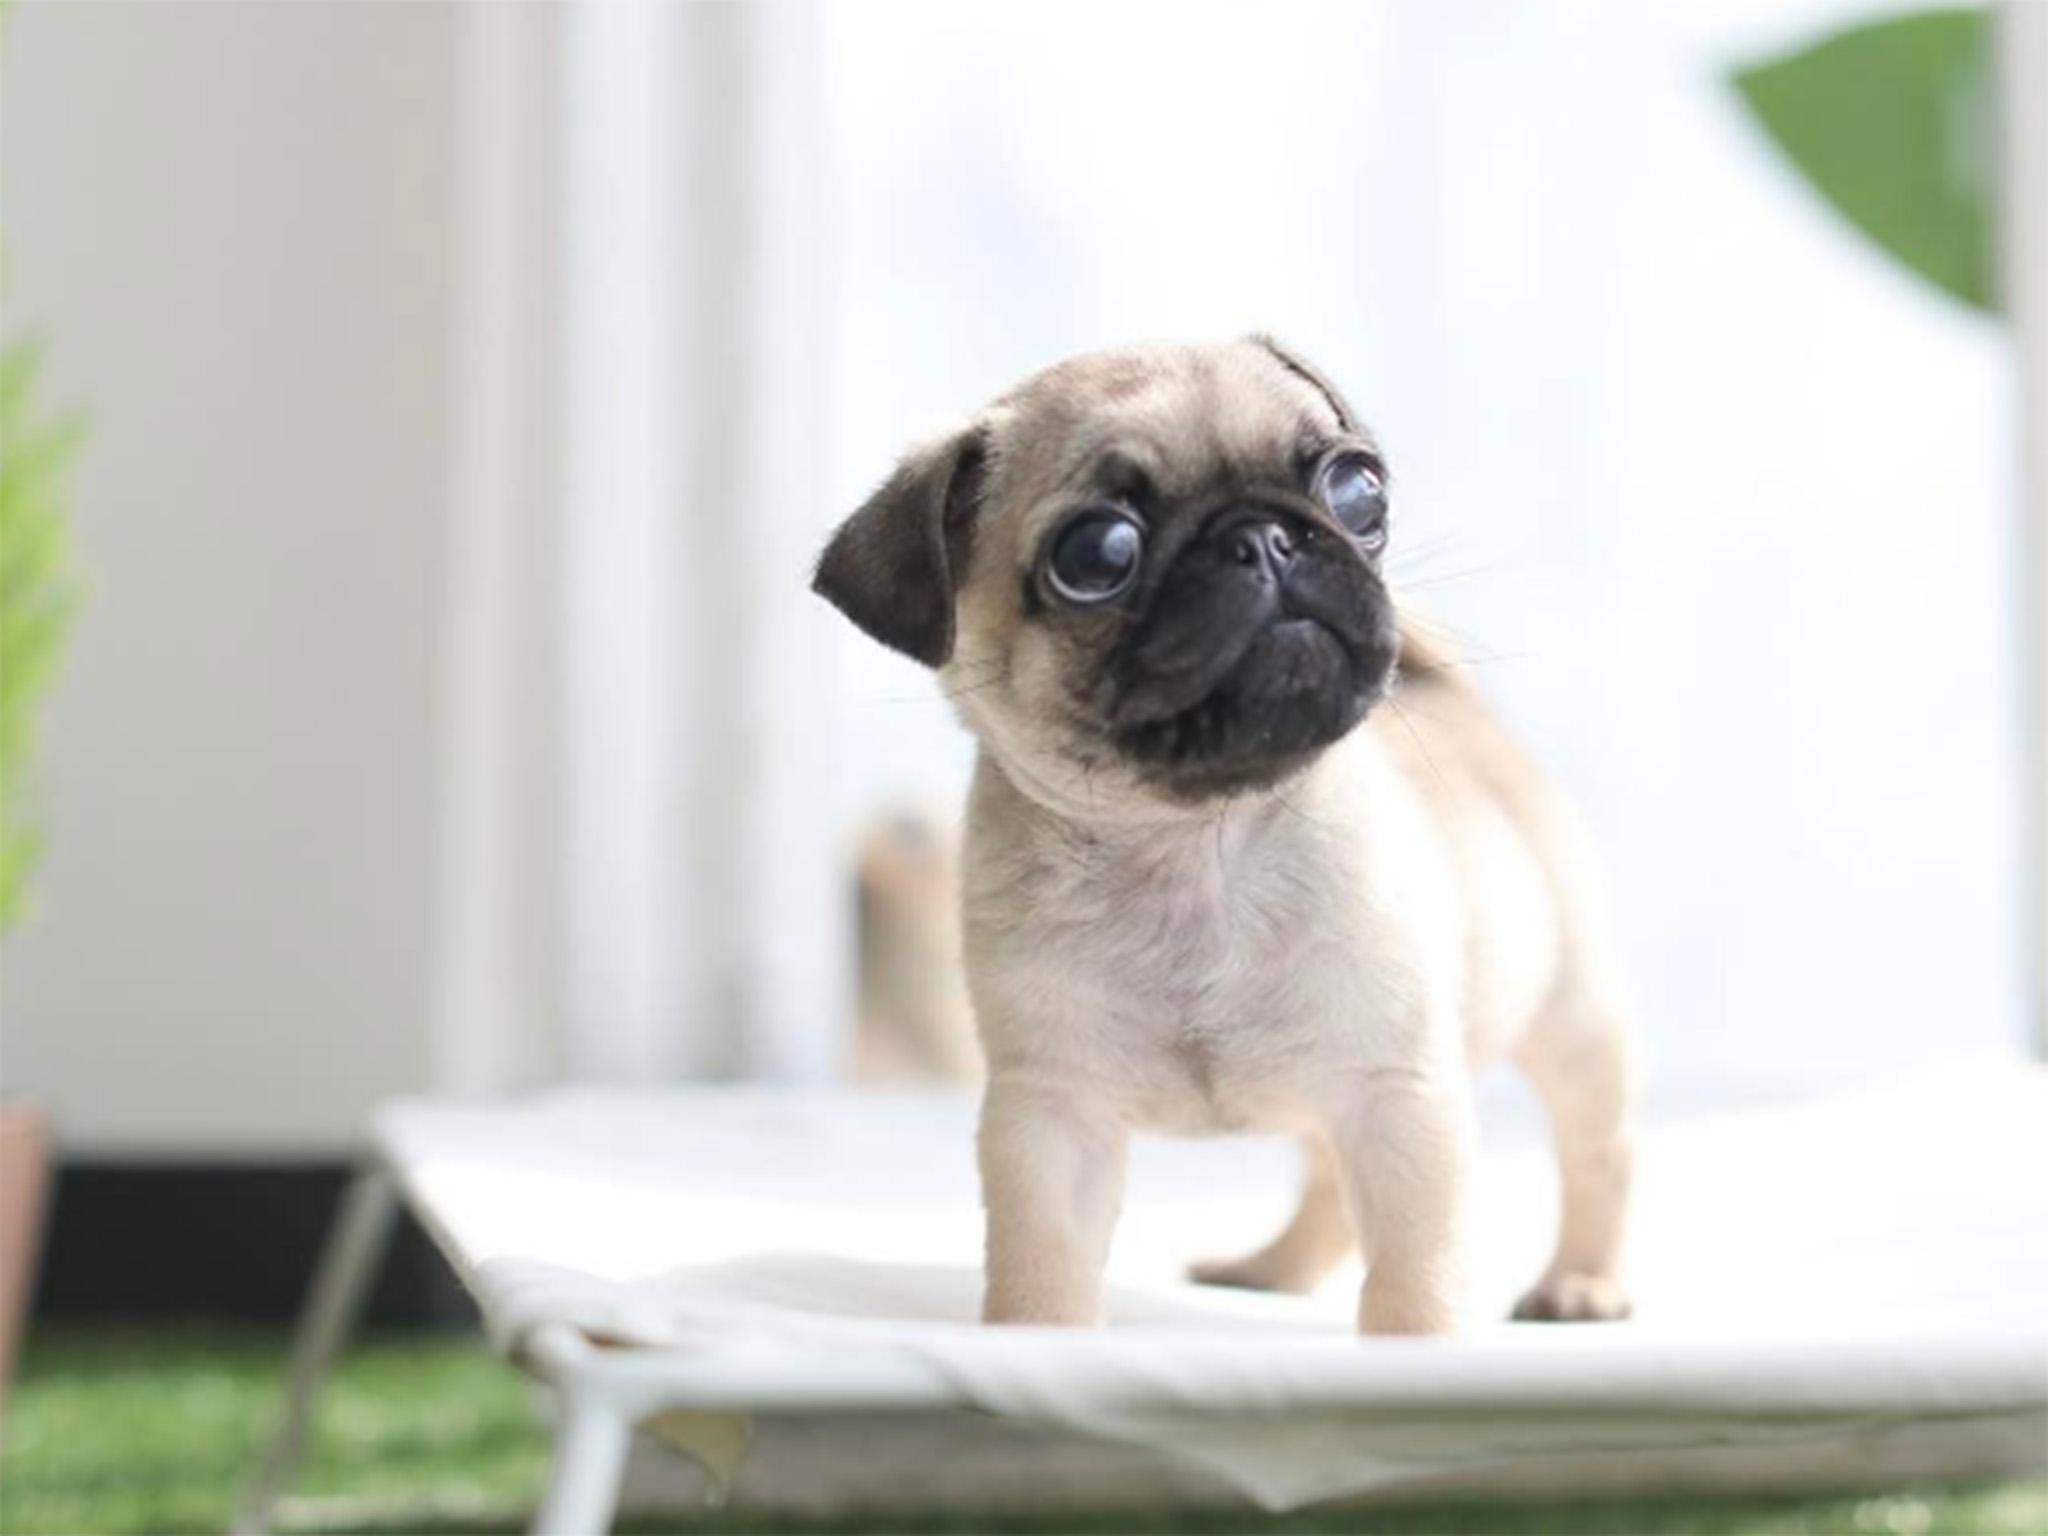 Puppy dog photo